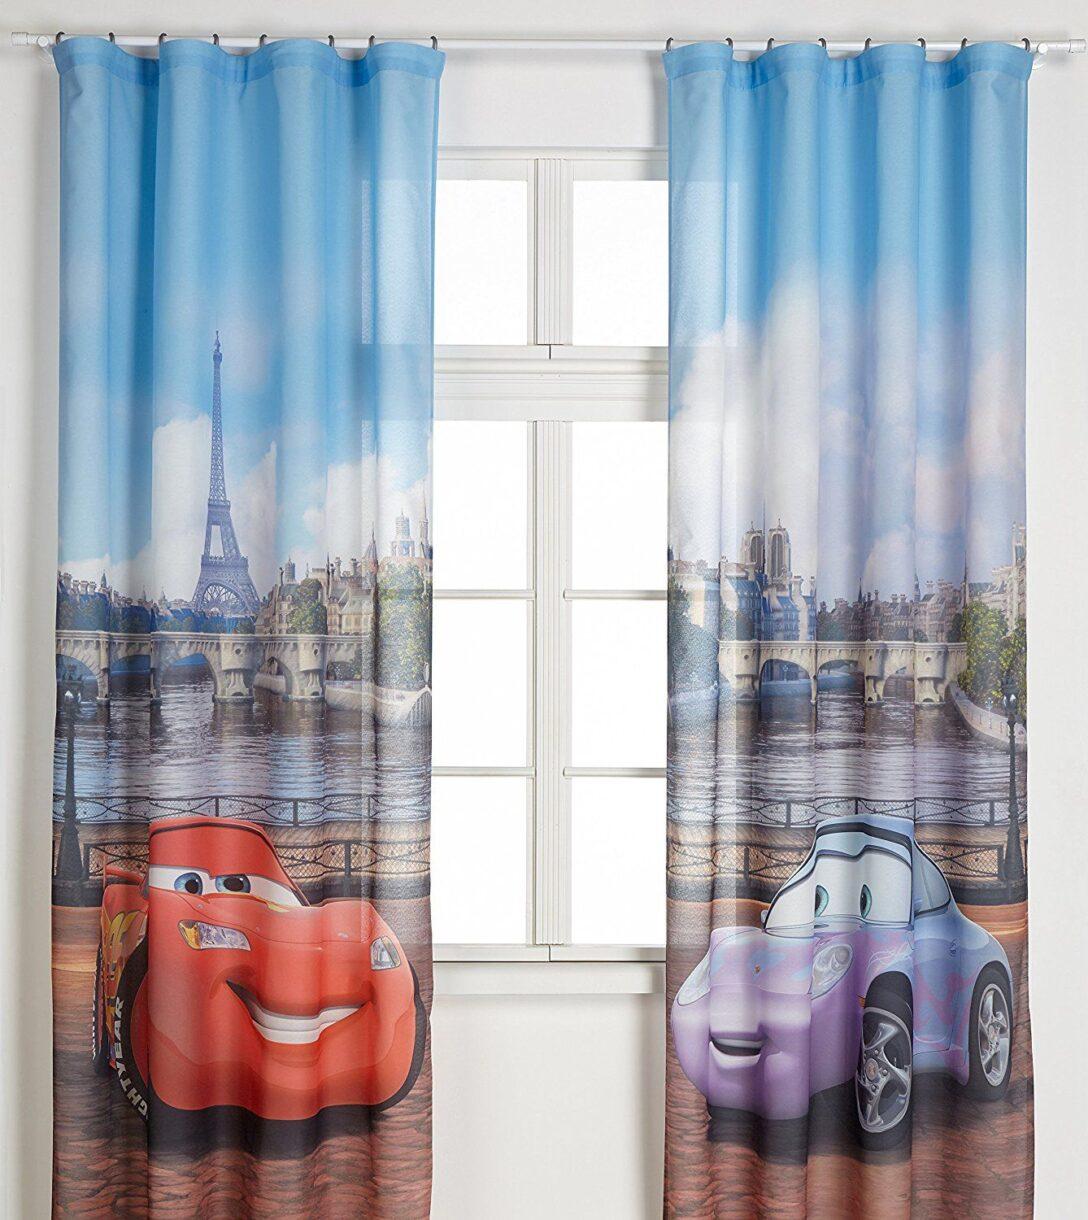 Large Size of Kinderzimmer Vorhänge Autozimmer Disney Cars Vorhnge Fr Das Gardine Küche Wohnzimmer Regal Schlafzimmer Sofa Weiß Regale Kinderzimmer Kinderzimmer Vorhänge